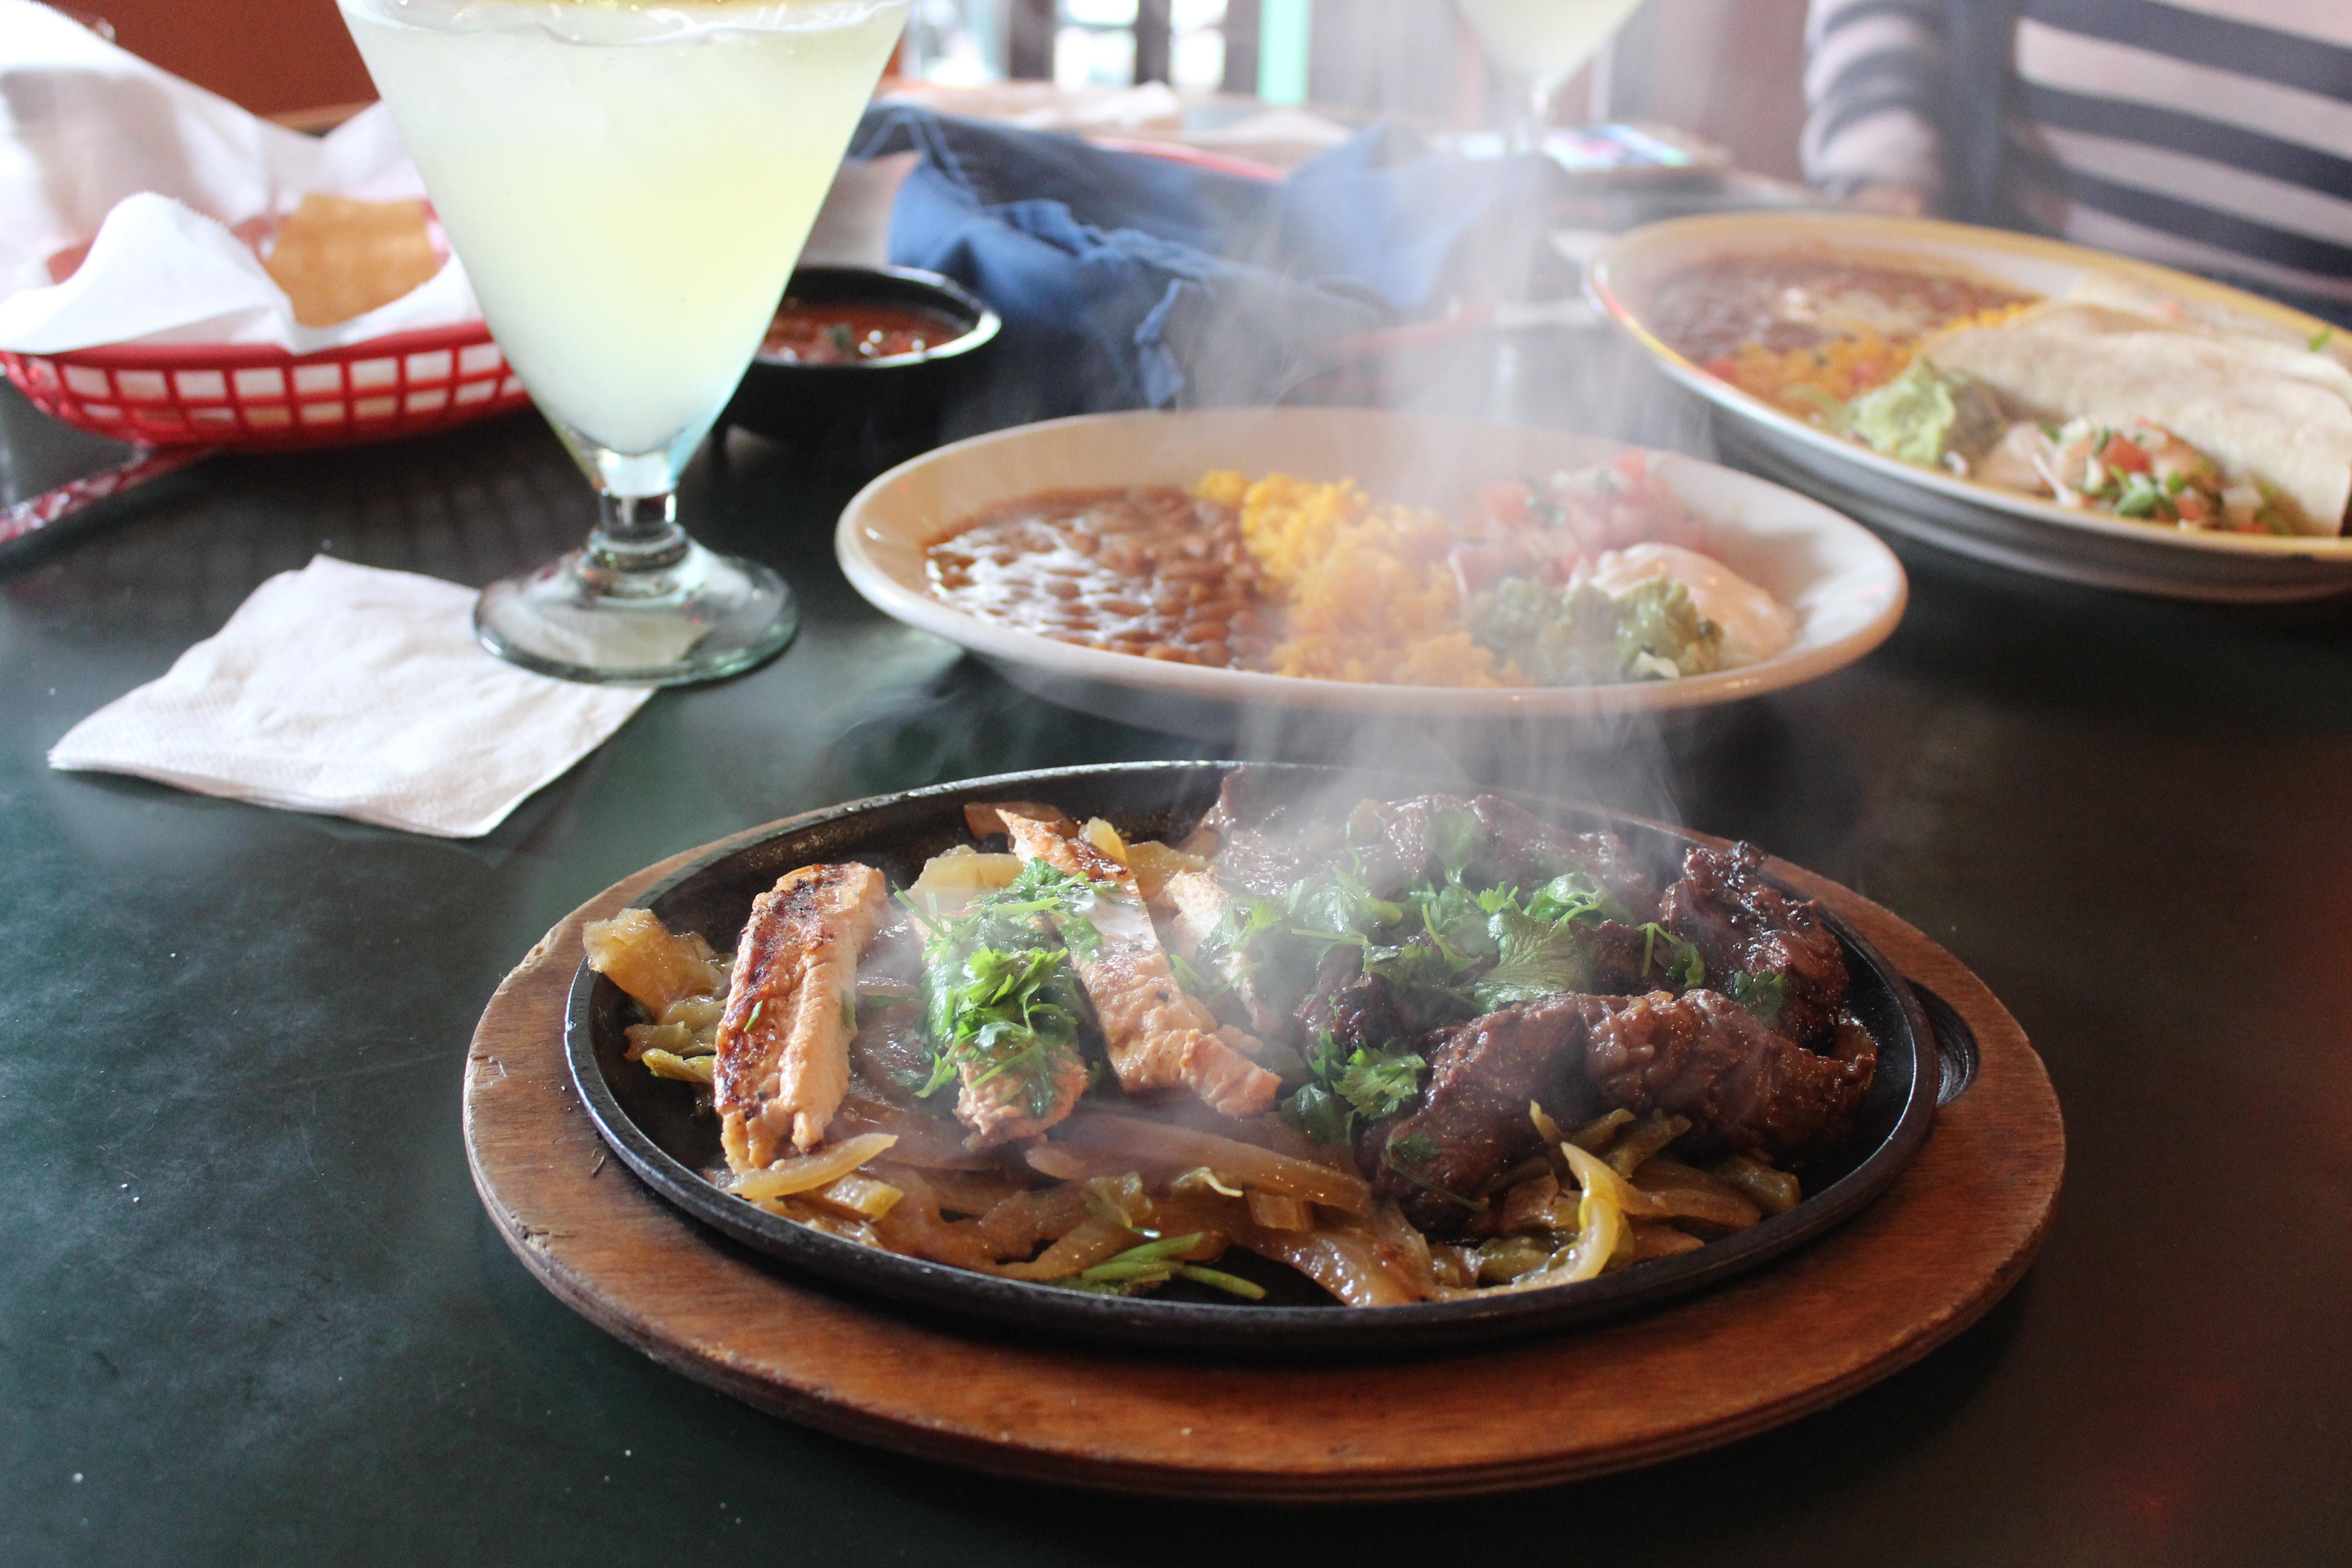 Del Ray's Los Tios Grill